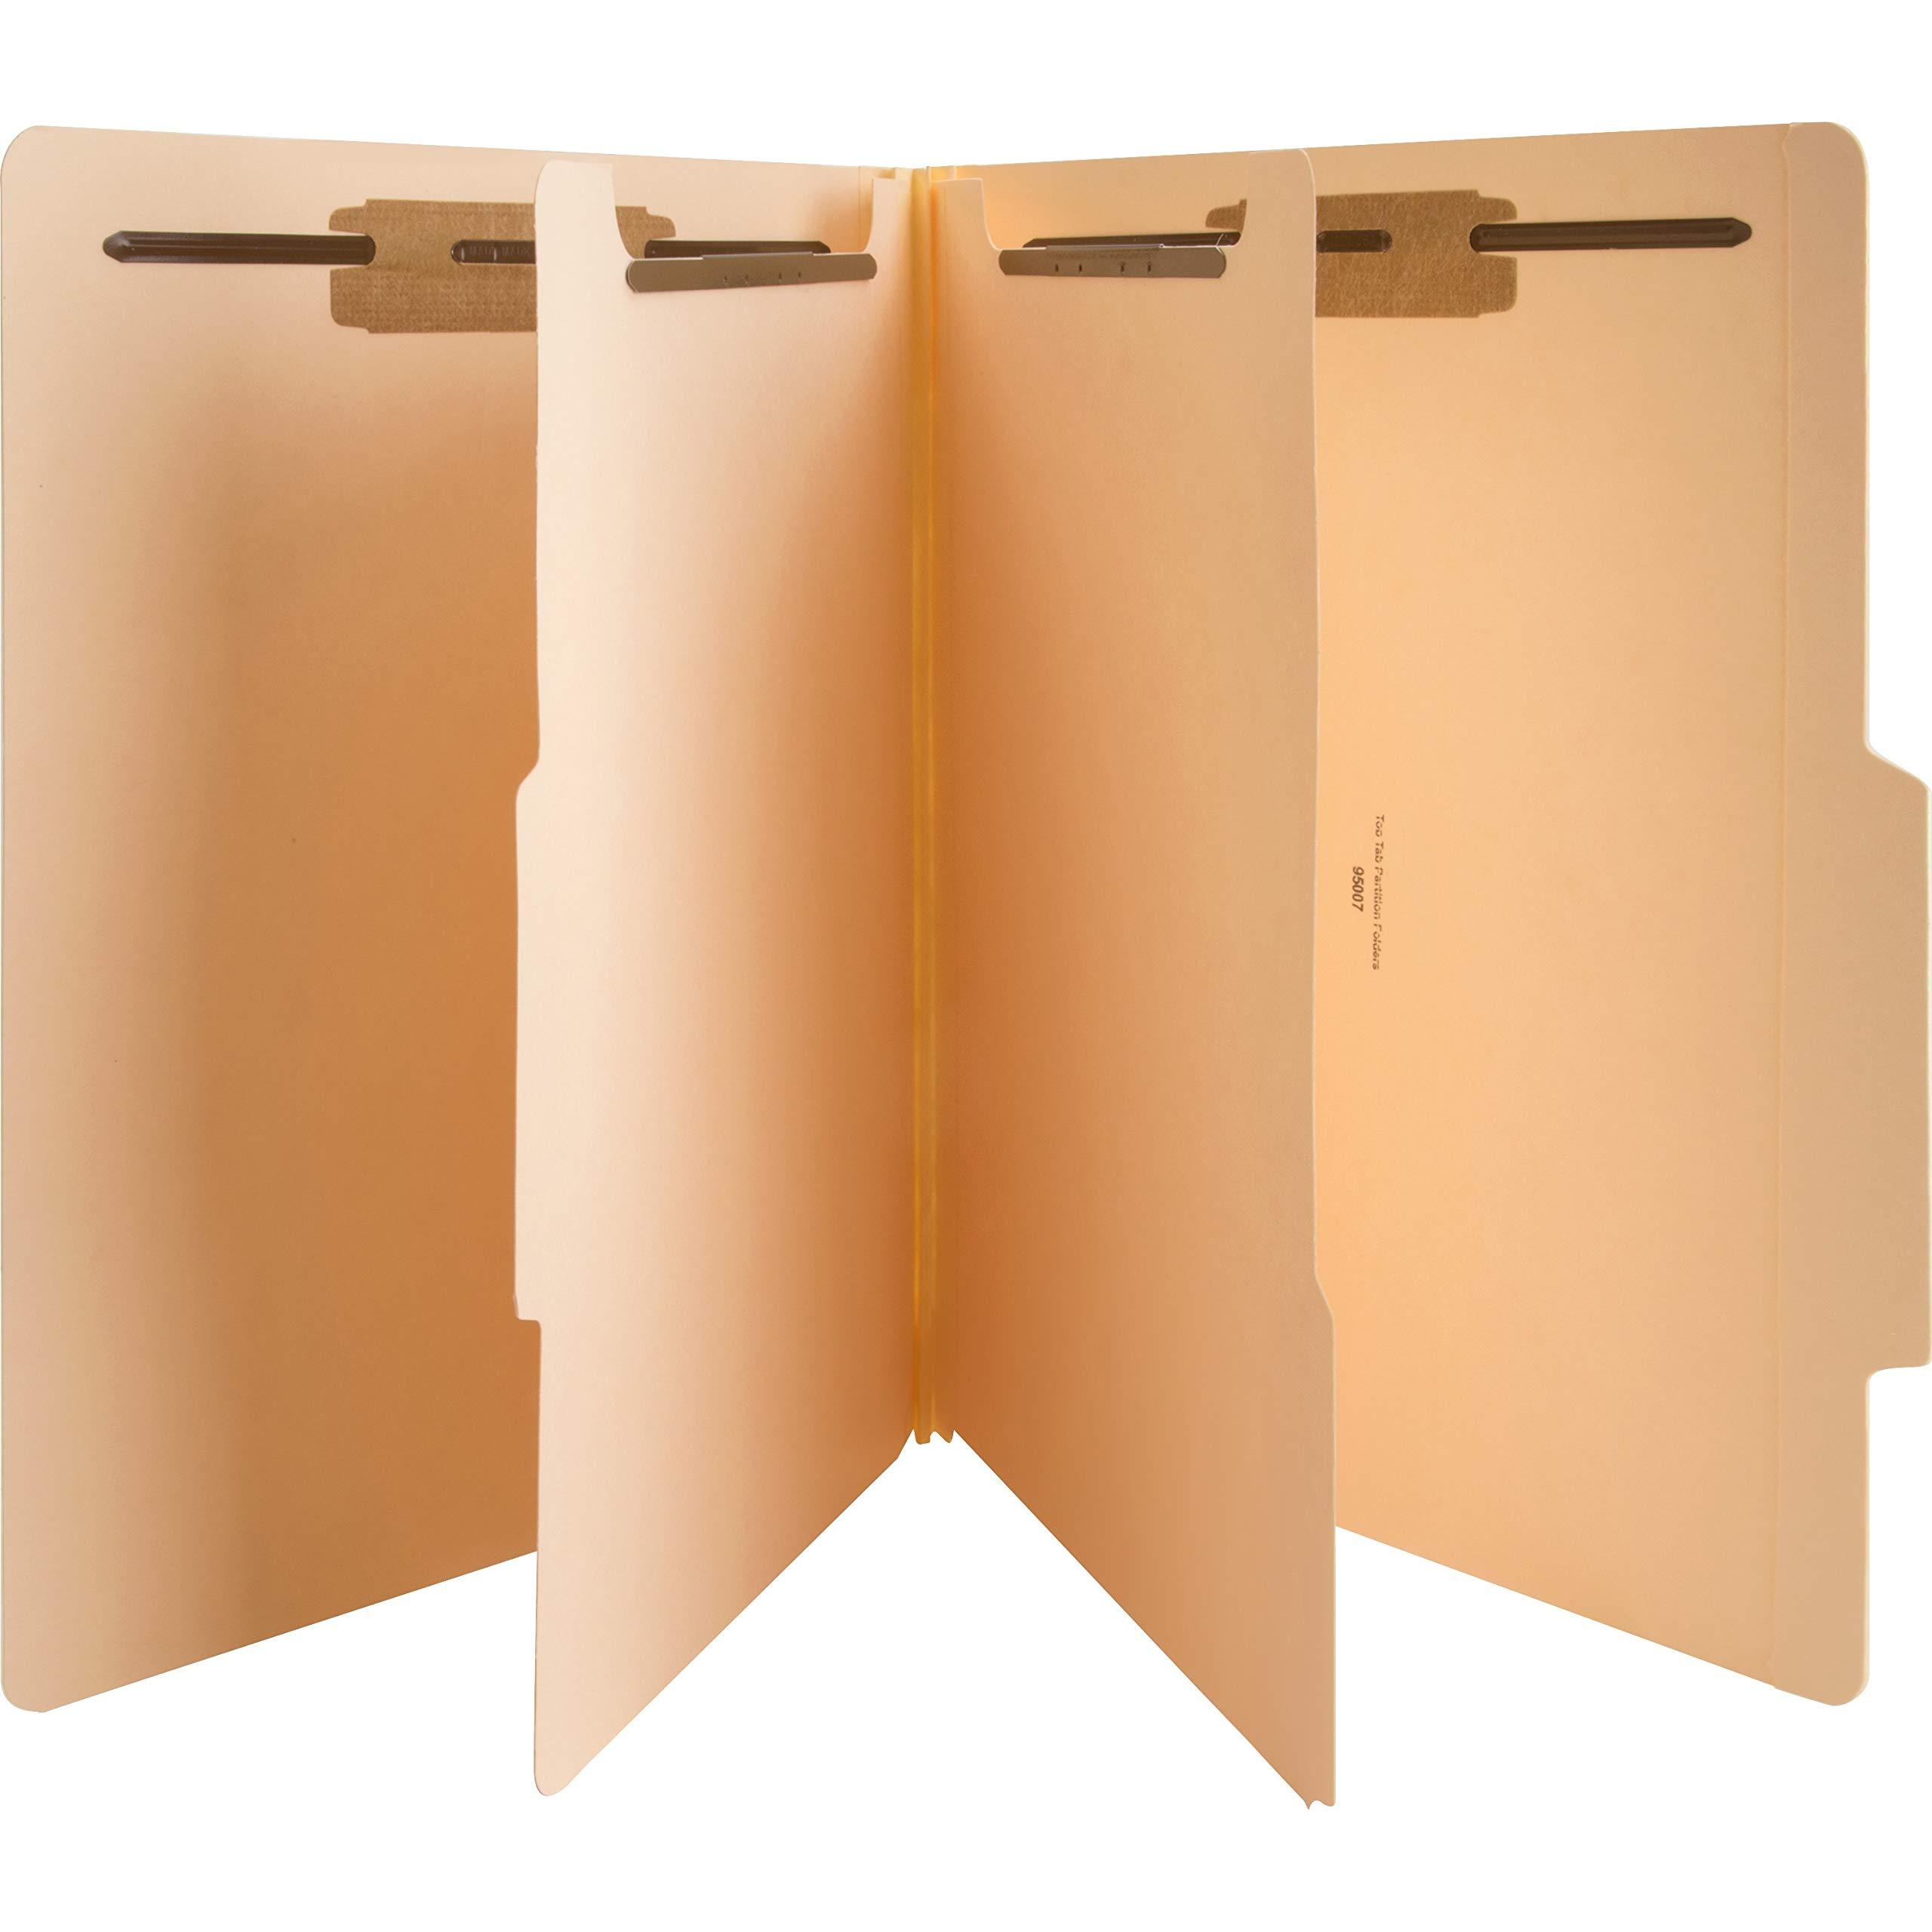 Sparco 95007 Six Part Folders, 2'' Exp, 2 Div, Letter, 25/BX, Manila